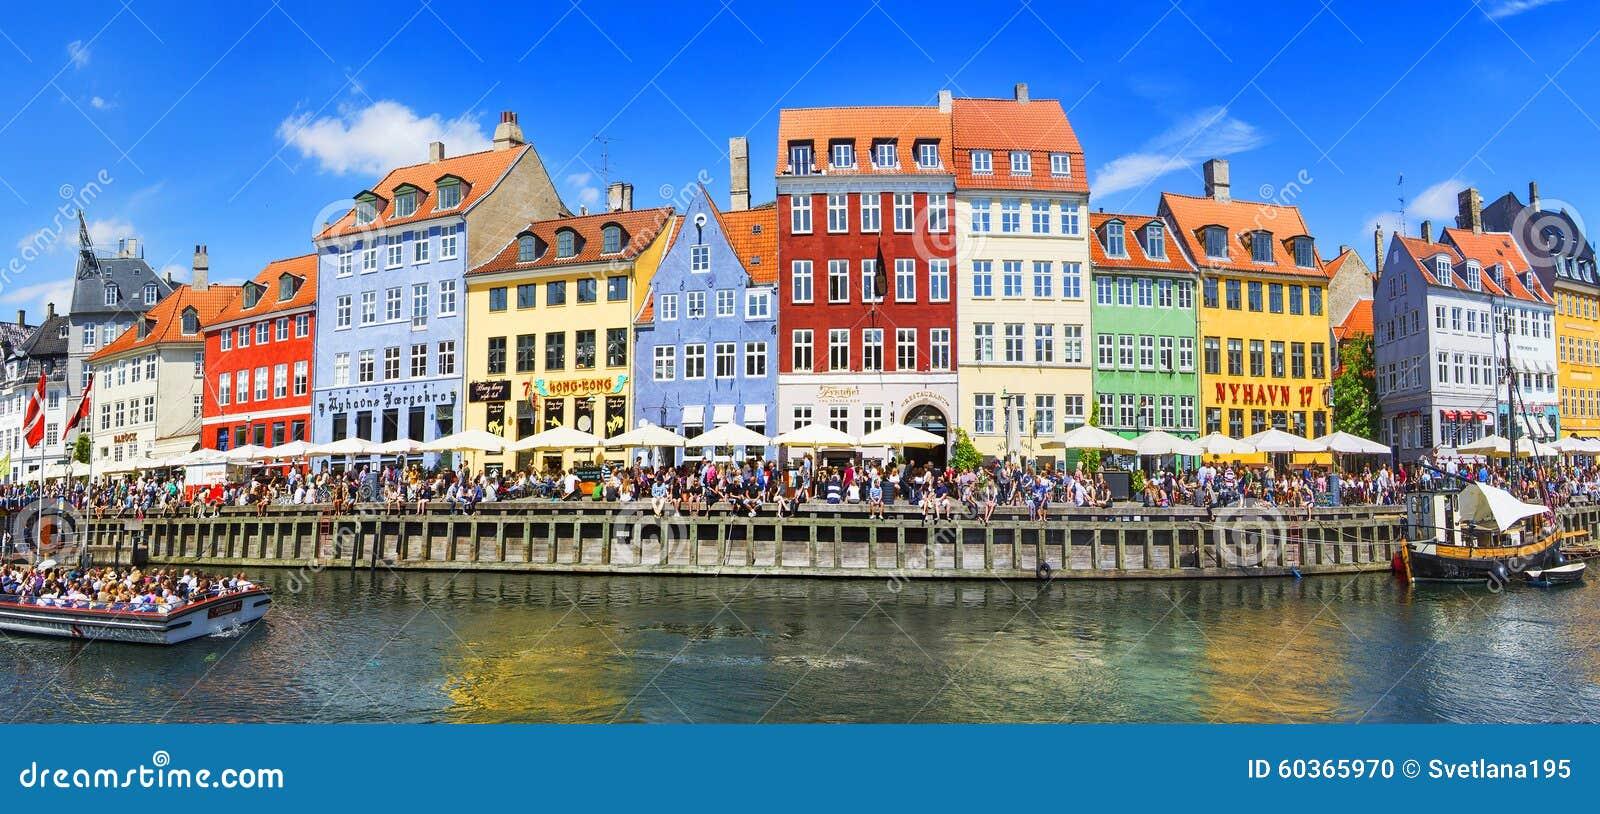 KOPENHAGEN, DENEMARKEN - JULI 07: Nyhavndistrict in Kopenhagen denemarken